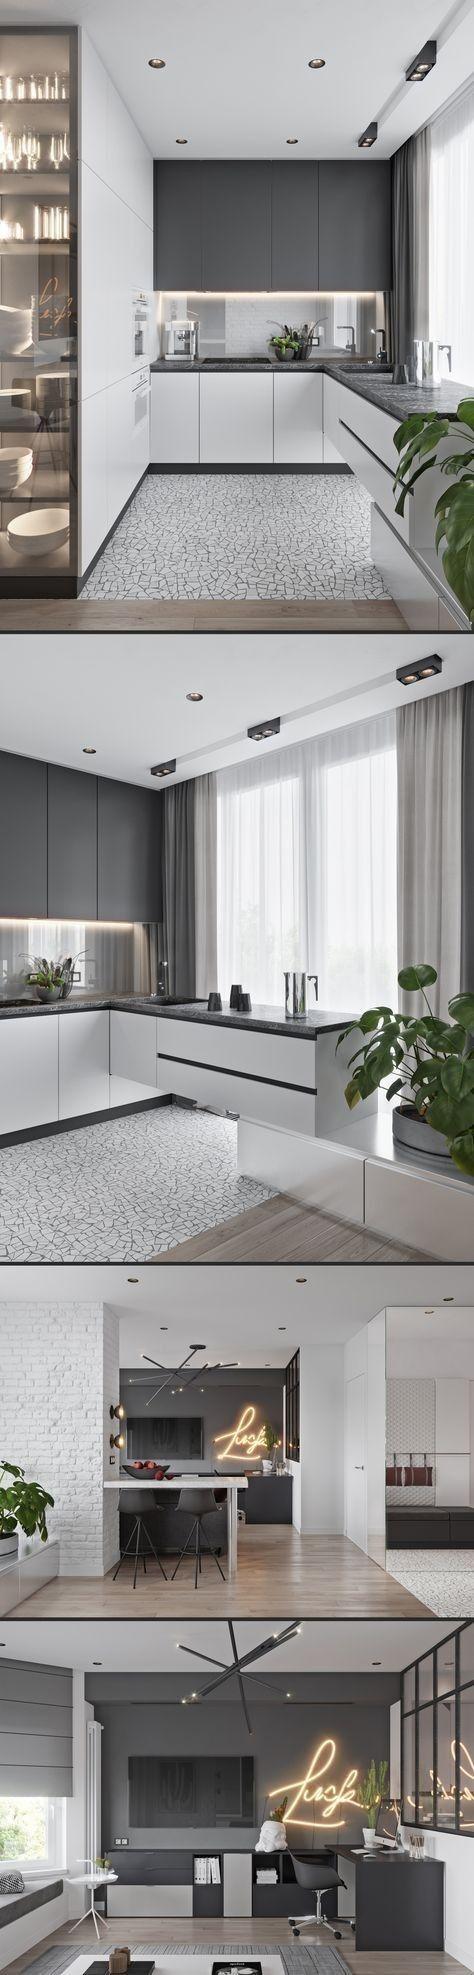 M s de 25 ideas incre bles sobre bancos de cocina en for Bancos para cocina ikea